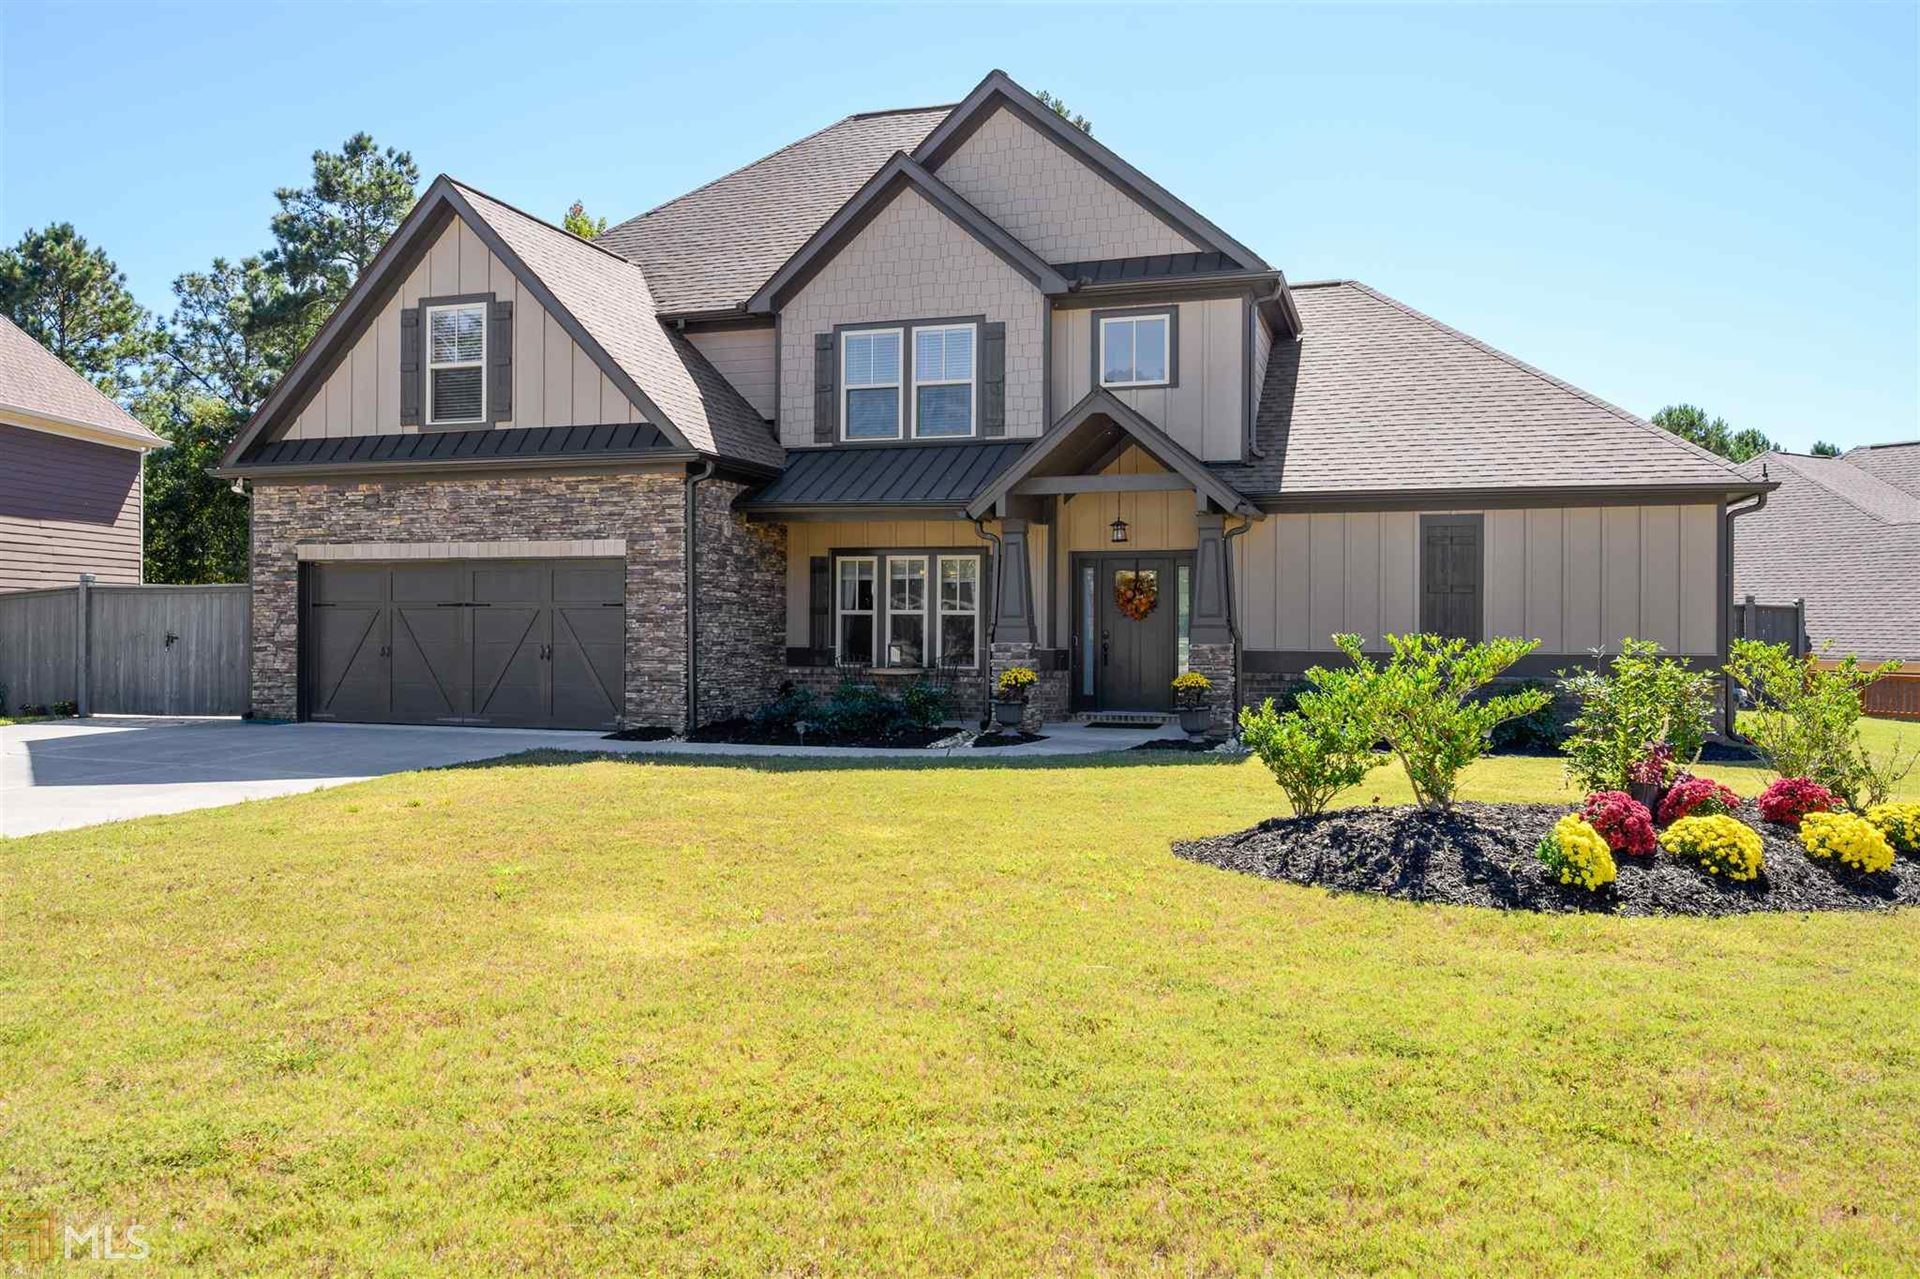 123 White Spruce Ct, Atlanta, GA 30157 - MLS#: 8873093